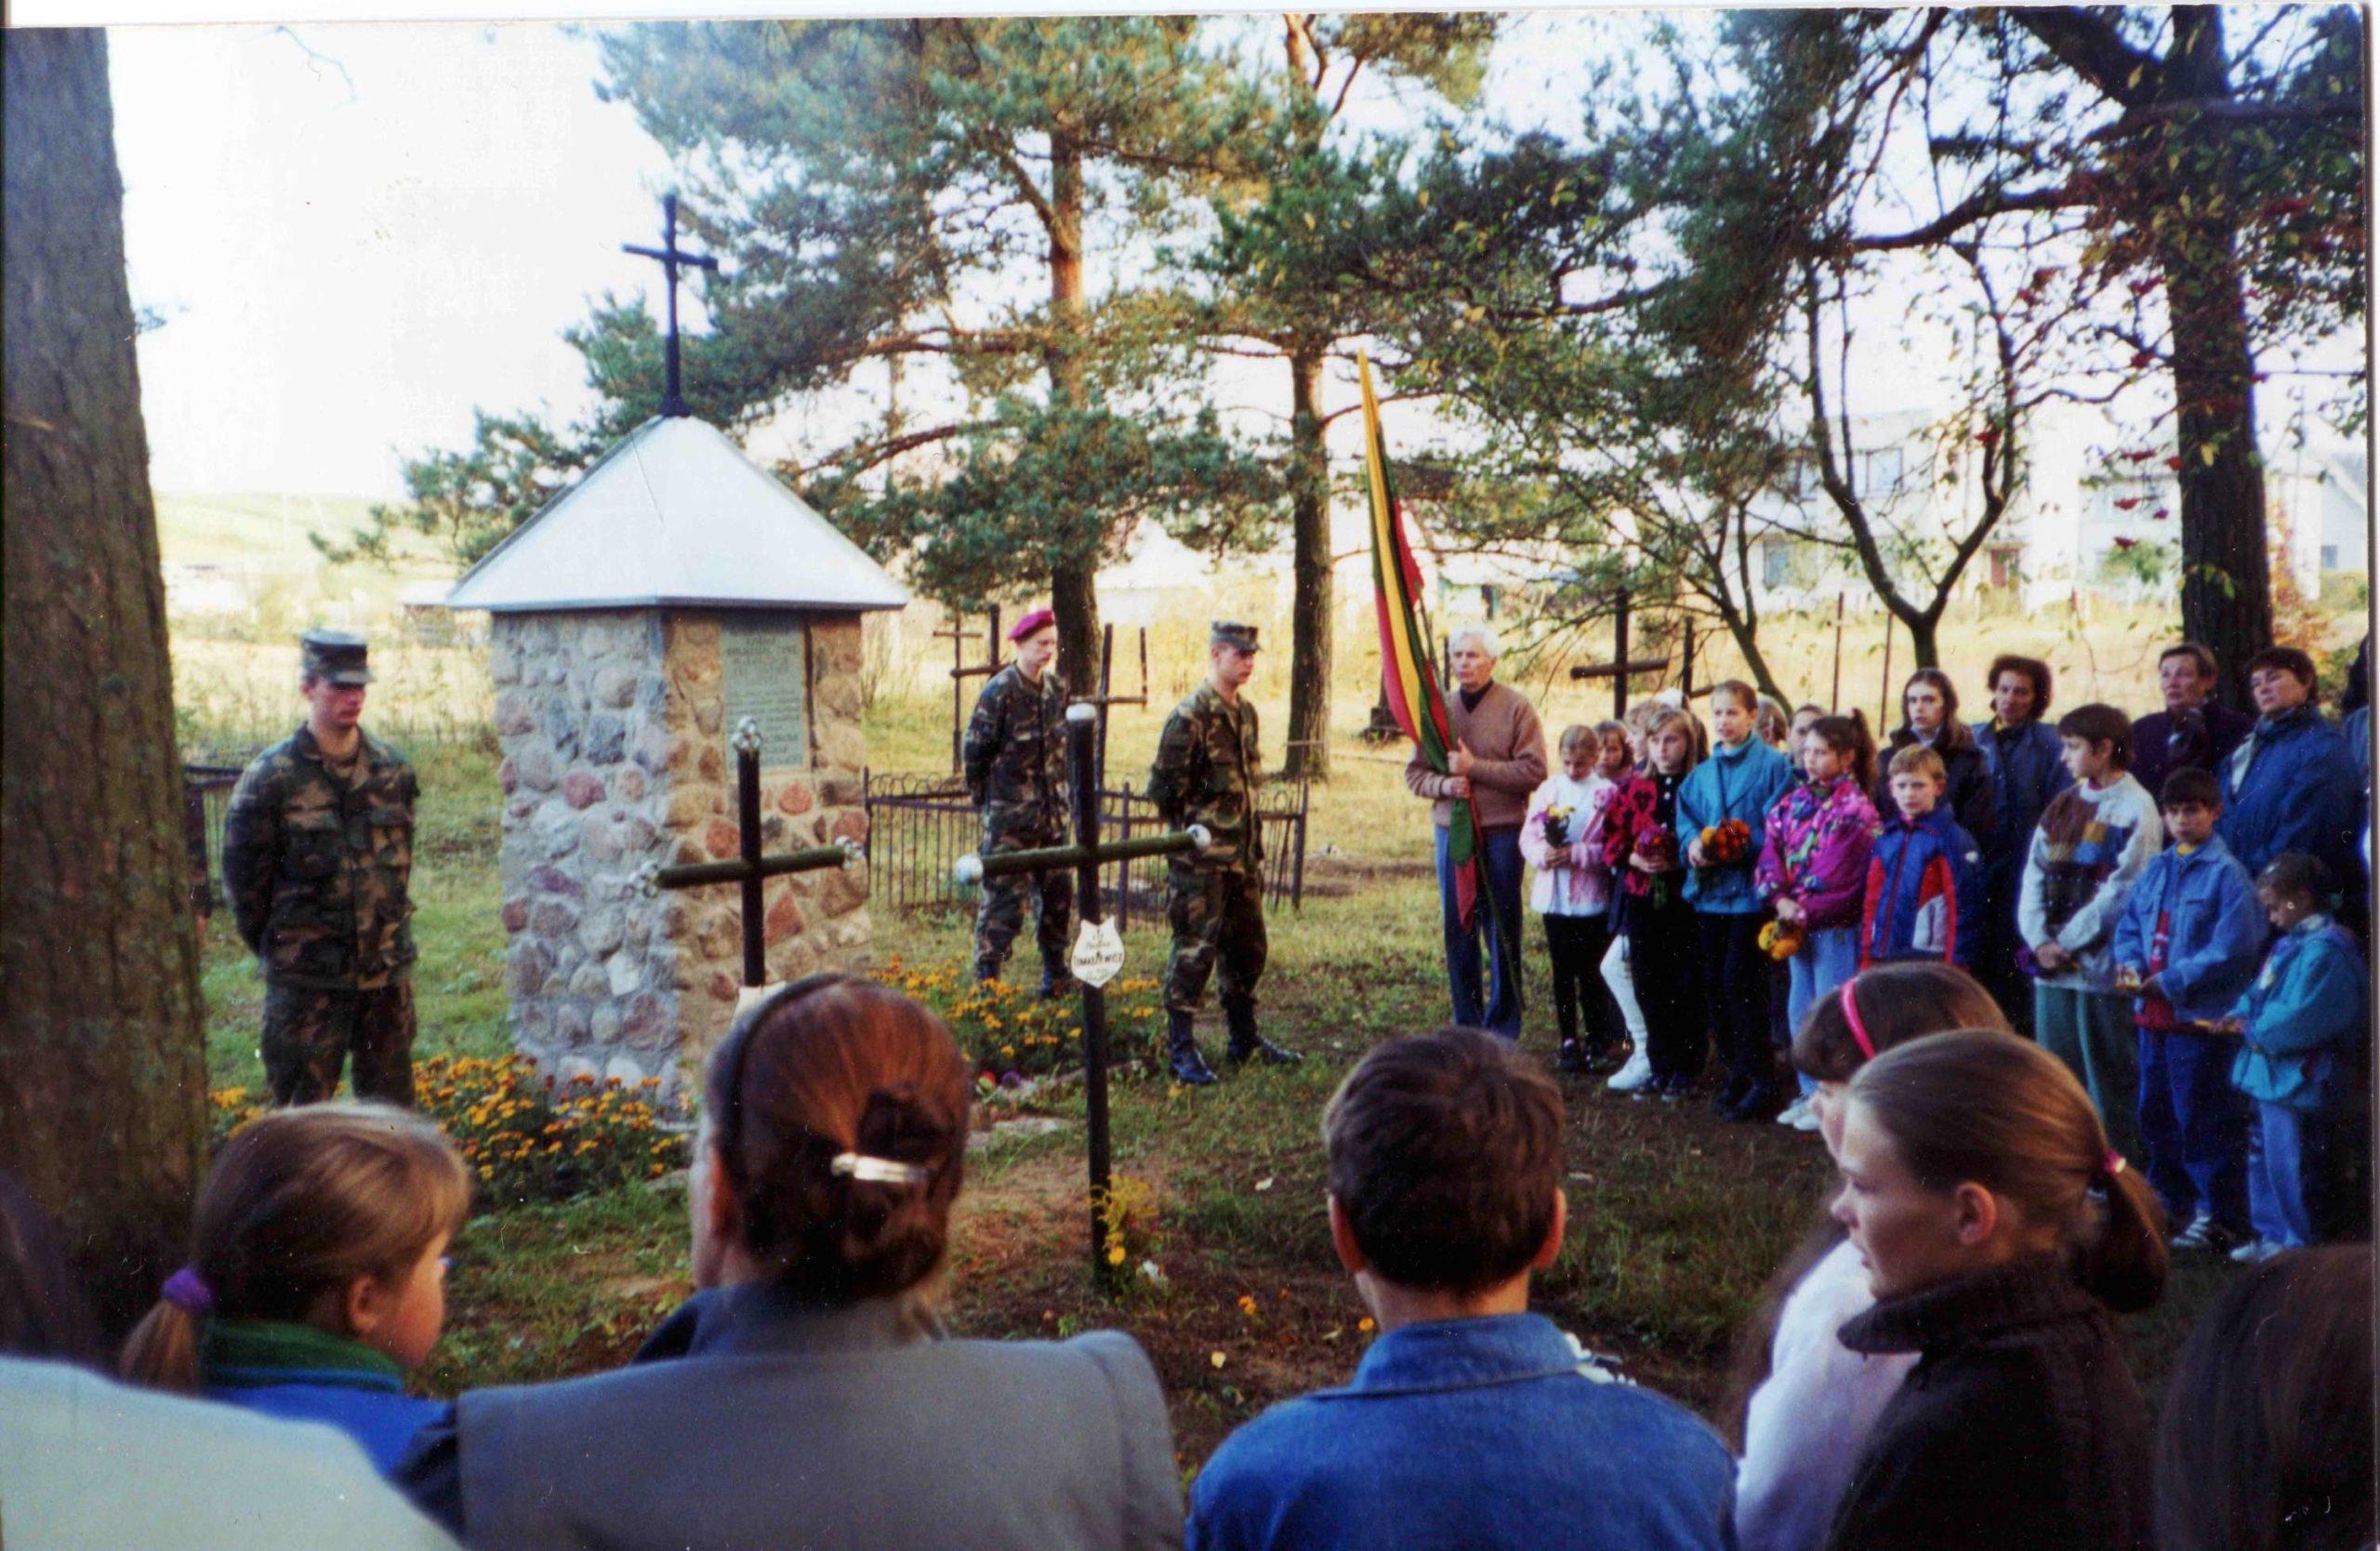 Antkapinė koplytėlė Lietuvos kariams-1941 m. sukilėliams, Bajorėlių k. sen. kapinės, Pabradė, 1998 m.   V. Striužo nuotr.